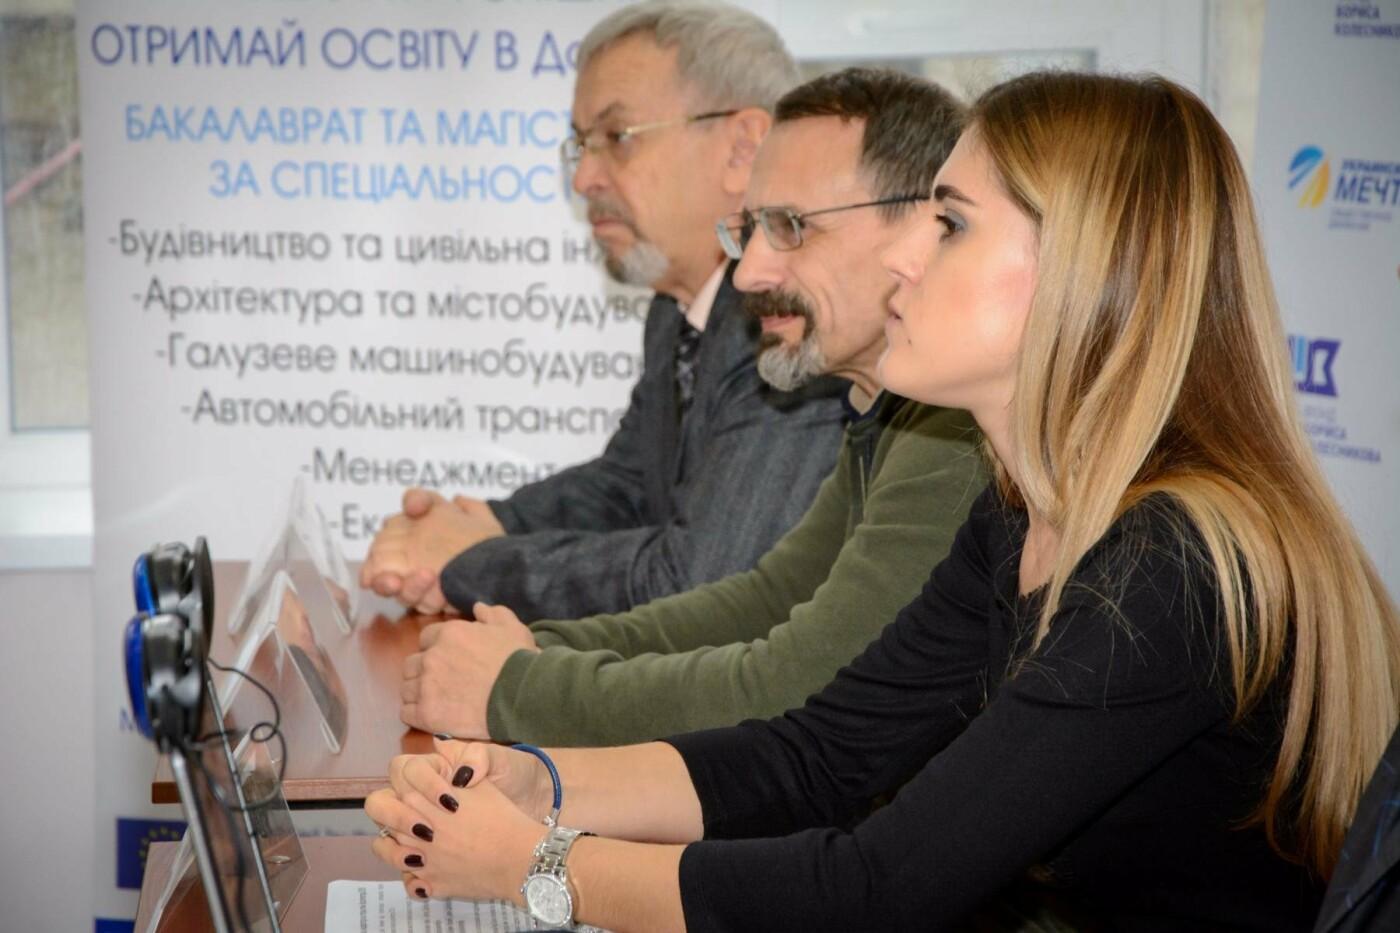 Открыт престижный конкурс «Архитектор 2018» для талантливых украинских студентов, фото-7